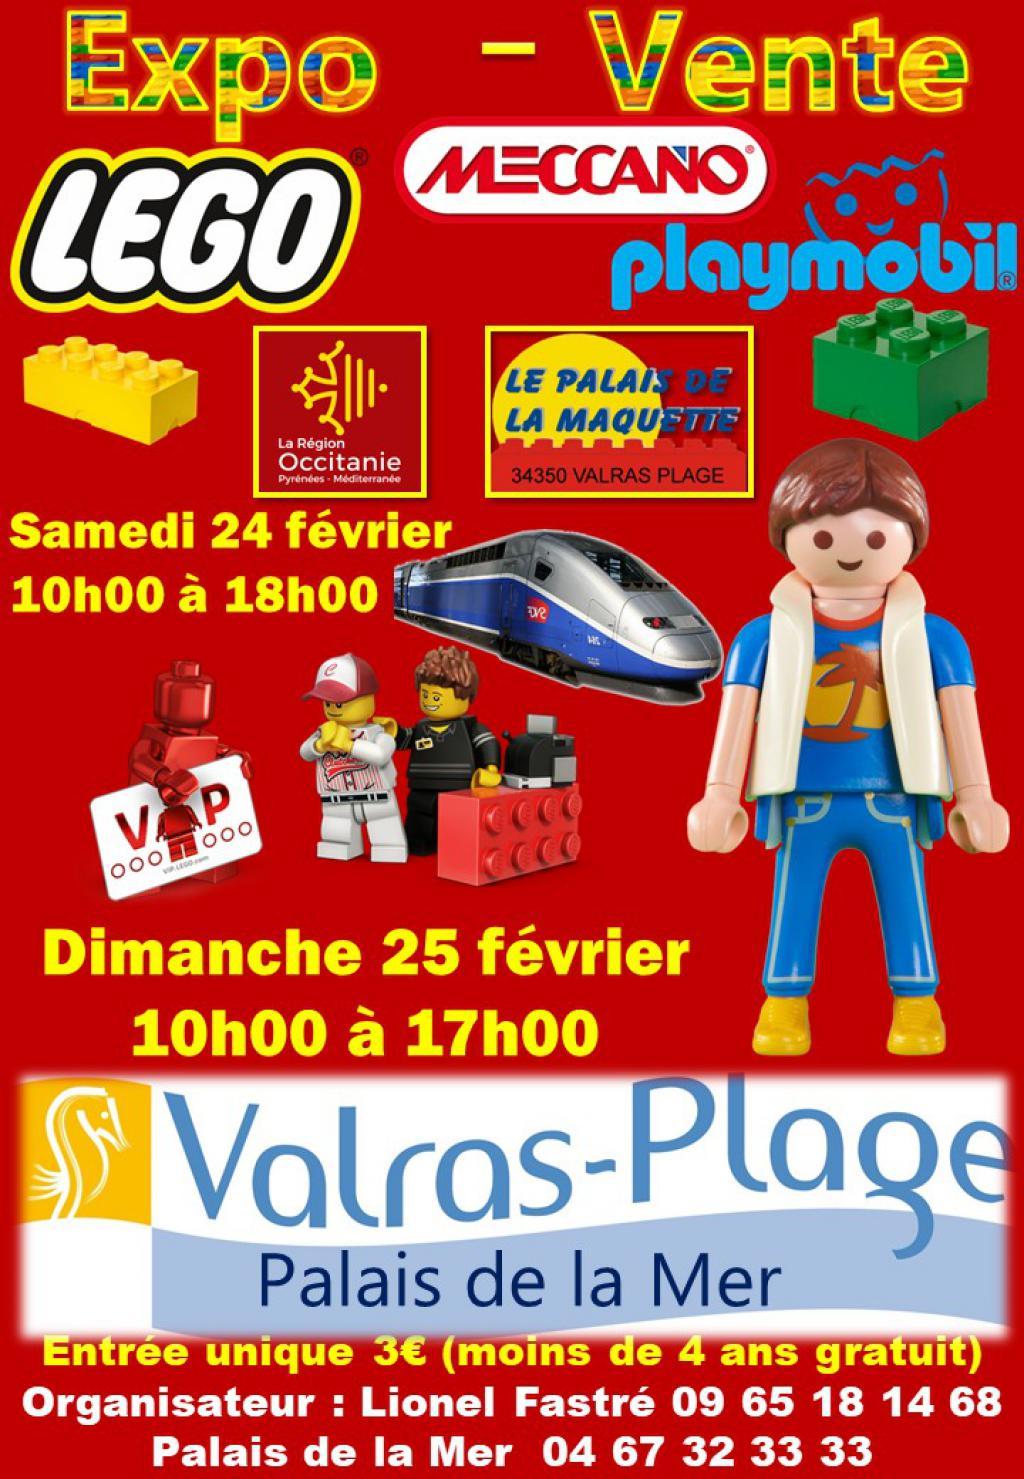 Salon de Modelisme Expo 24 et 25 fevrier Valras Plage 2018-affiche-lego...-02-2018-53d9bef